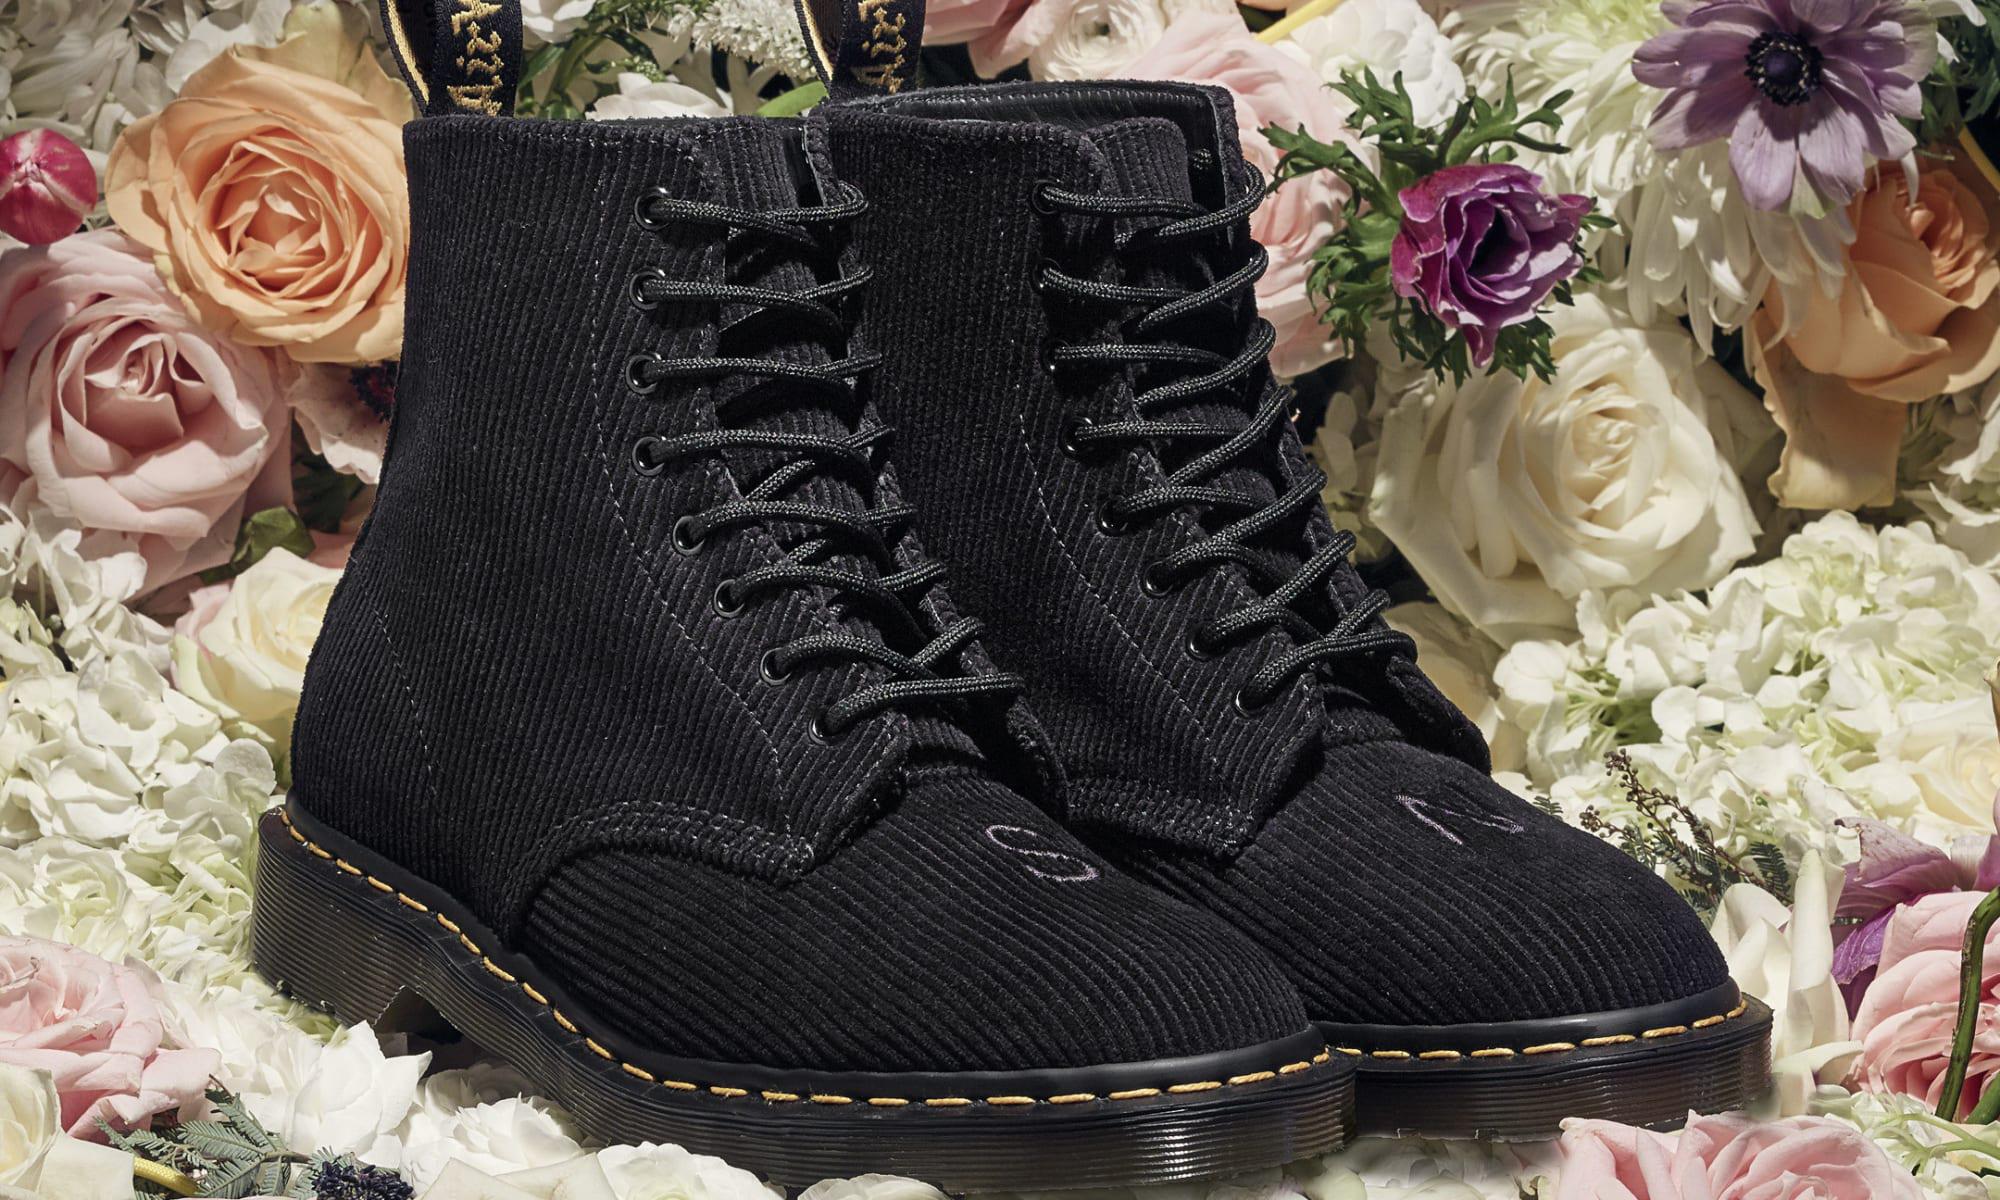 花团锦簇之美,UNDERCOVER x Dr.Martens 联名 1460 鞋款登场